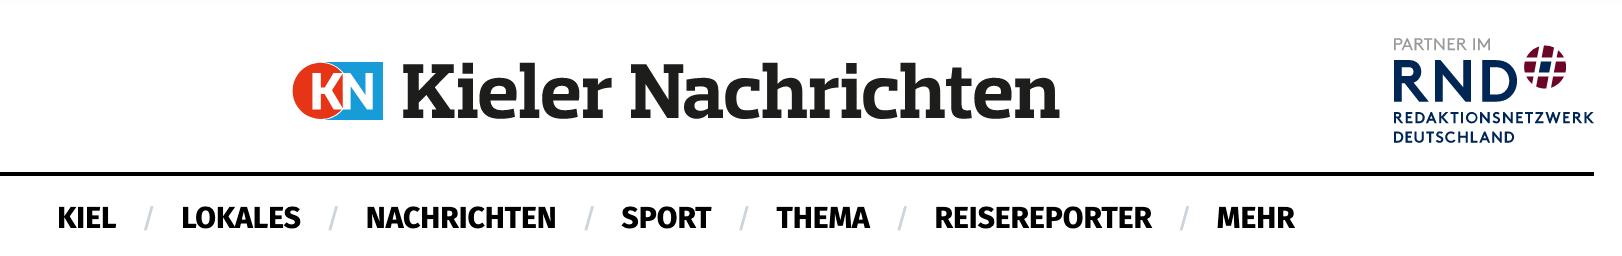 Screenshot des Headers der Webseite der Kieler Nachrichten